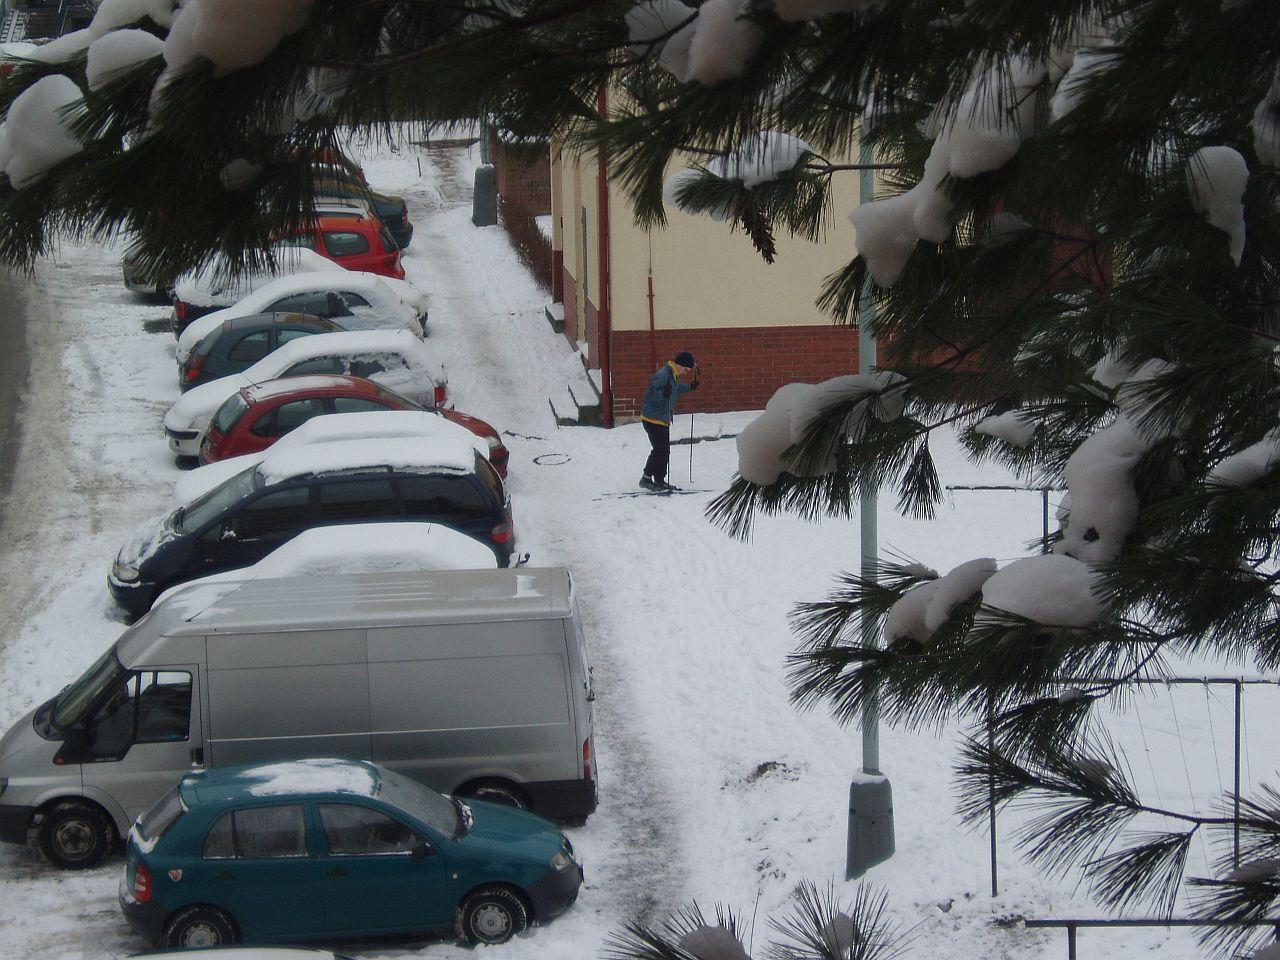 Když nasněží, běžkovat se dá i v Praze